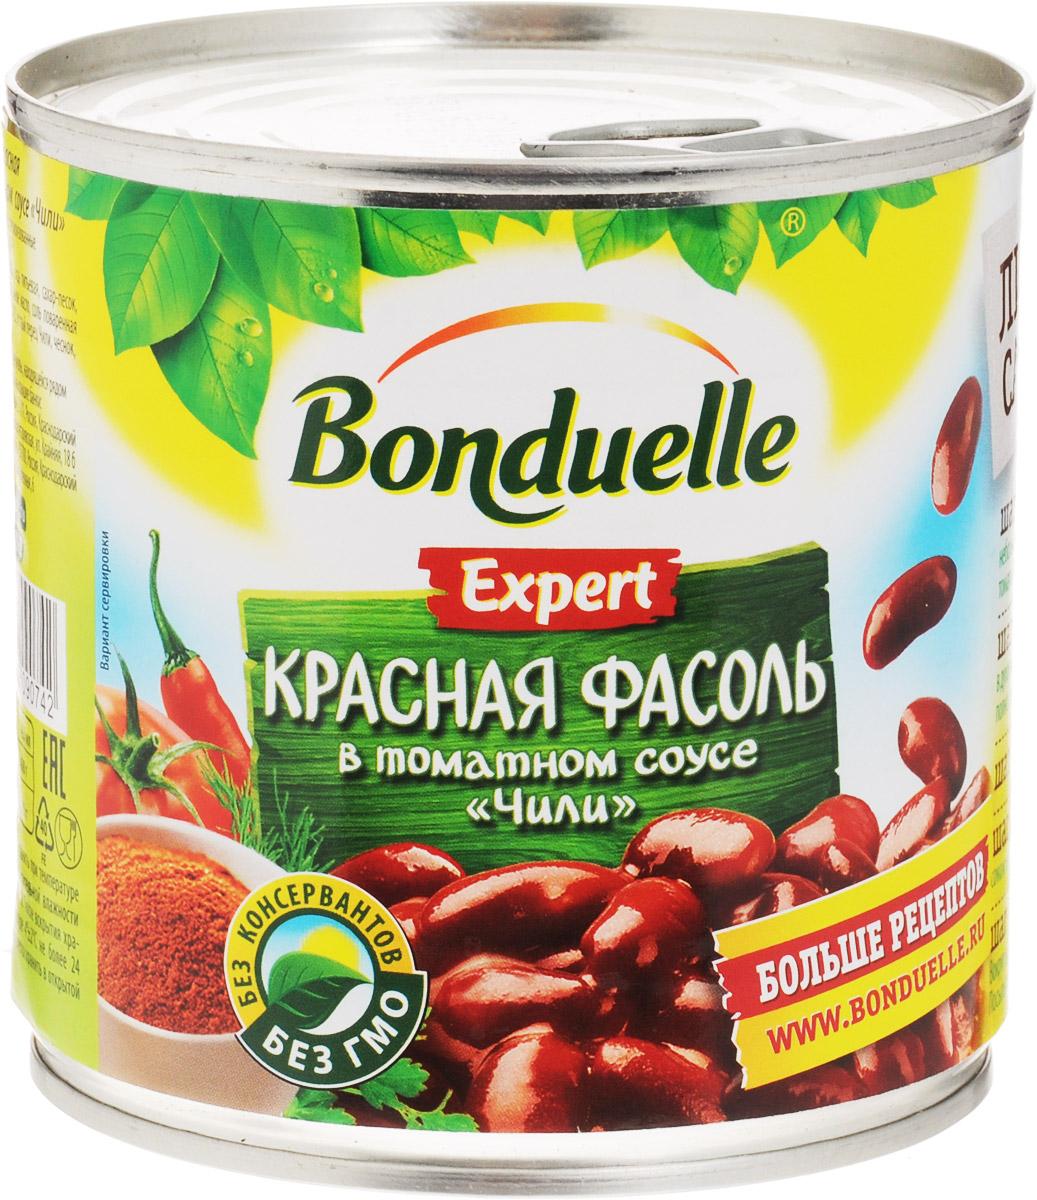 Bonduelle красная фасоль в соусе Чили, 400 г24Красная фасоль в соусе Чили - превосходный выбор для тех, кто любит поострее: густой томатный соус, которым заправлена фасоль, наполнен ароматами розмарина, паприки и перца чили. Это готовое блюдо богато белком и клетчаткой, поэтому станет хорошим выбором для постного рациона, хотя отлично подойдет и как гарнир к мясу.Уважаемые клиенты! Обращаем ваше внимание, что полный перечень состава продукта представлен на дополнительном изображении.